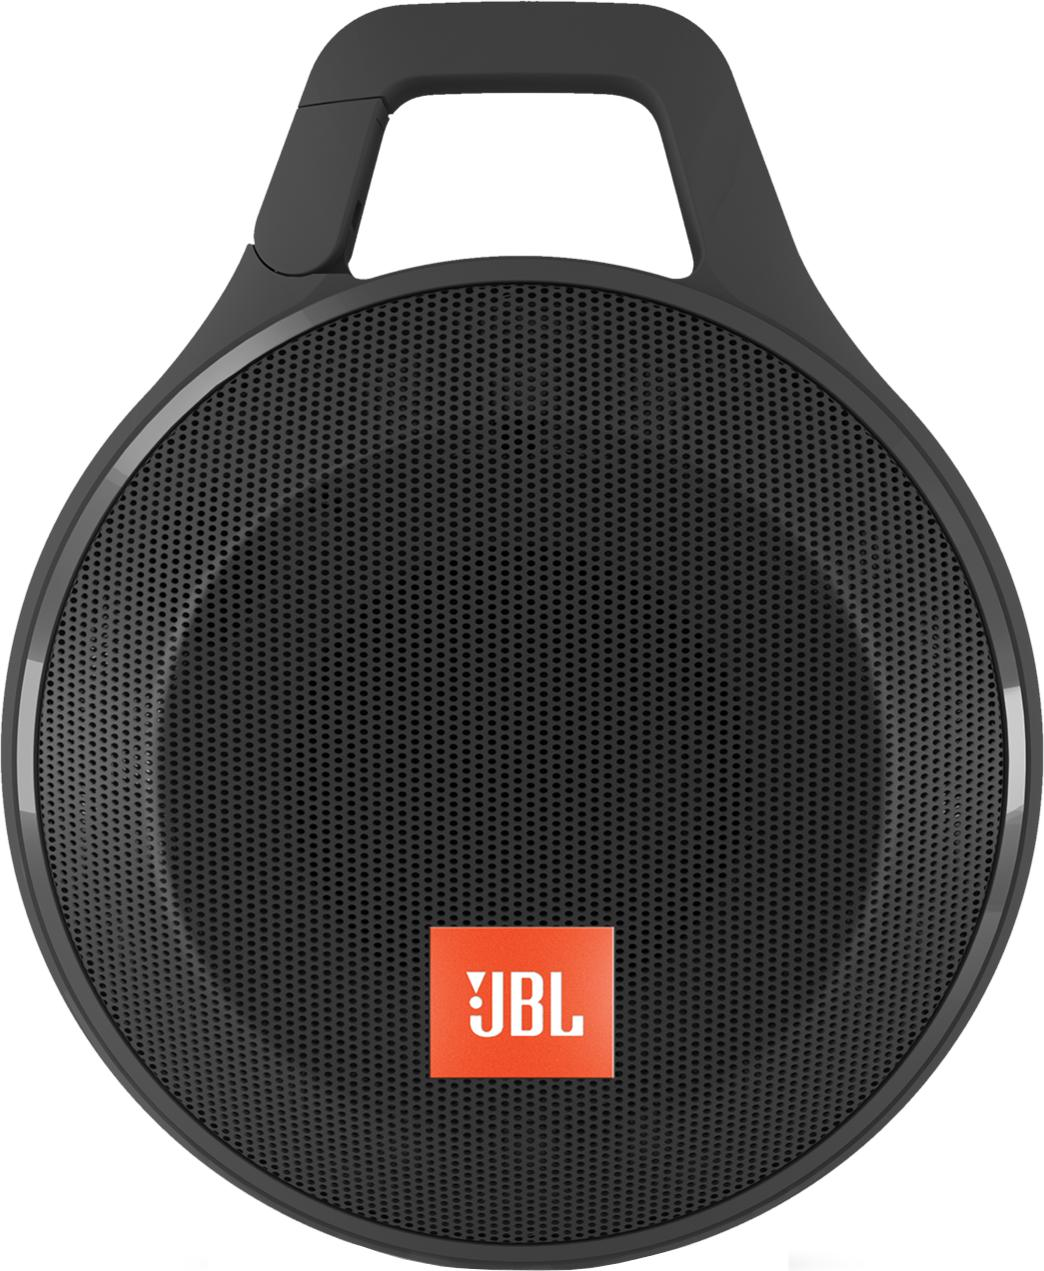 JBL Clip+